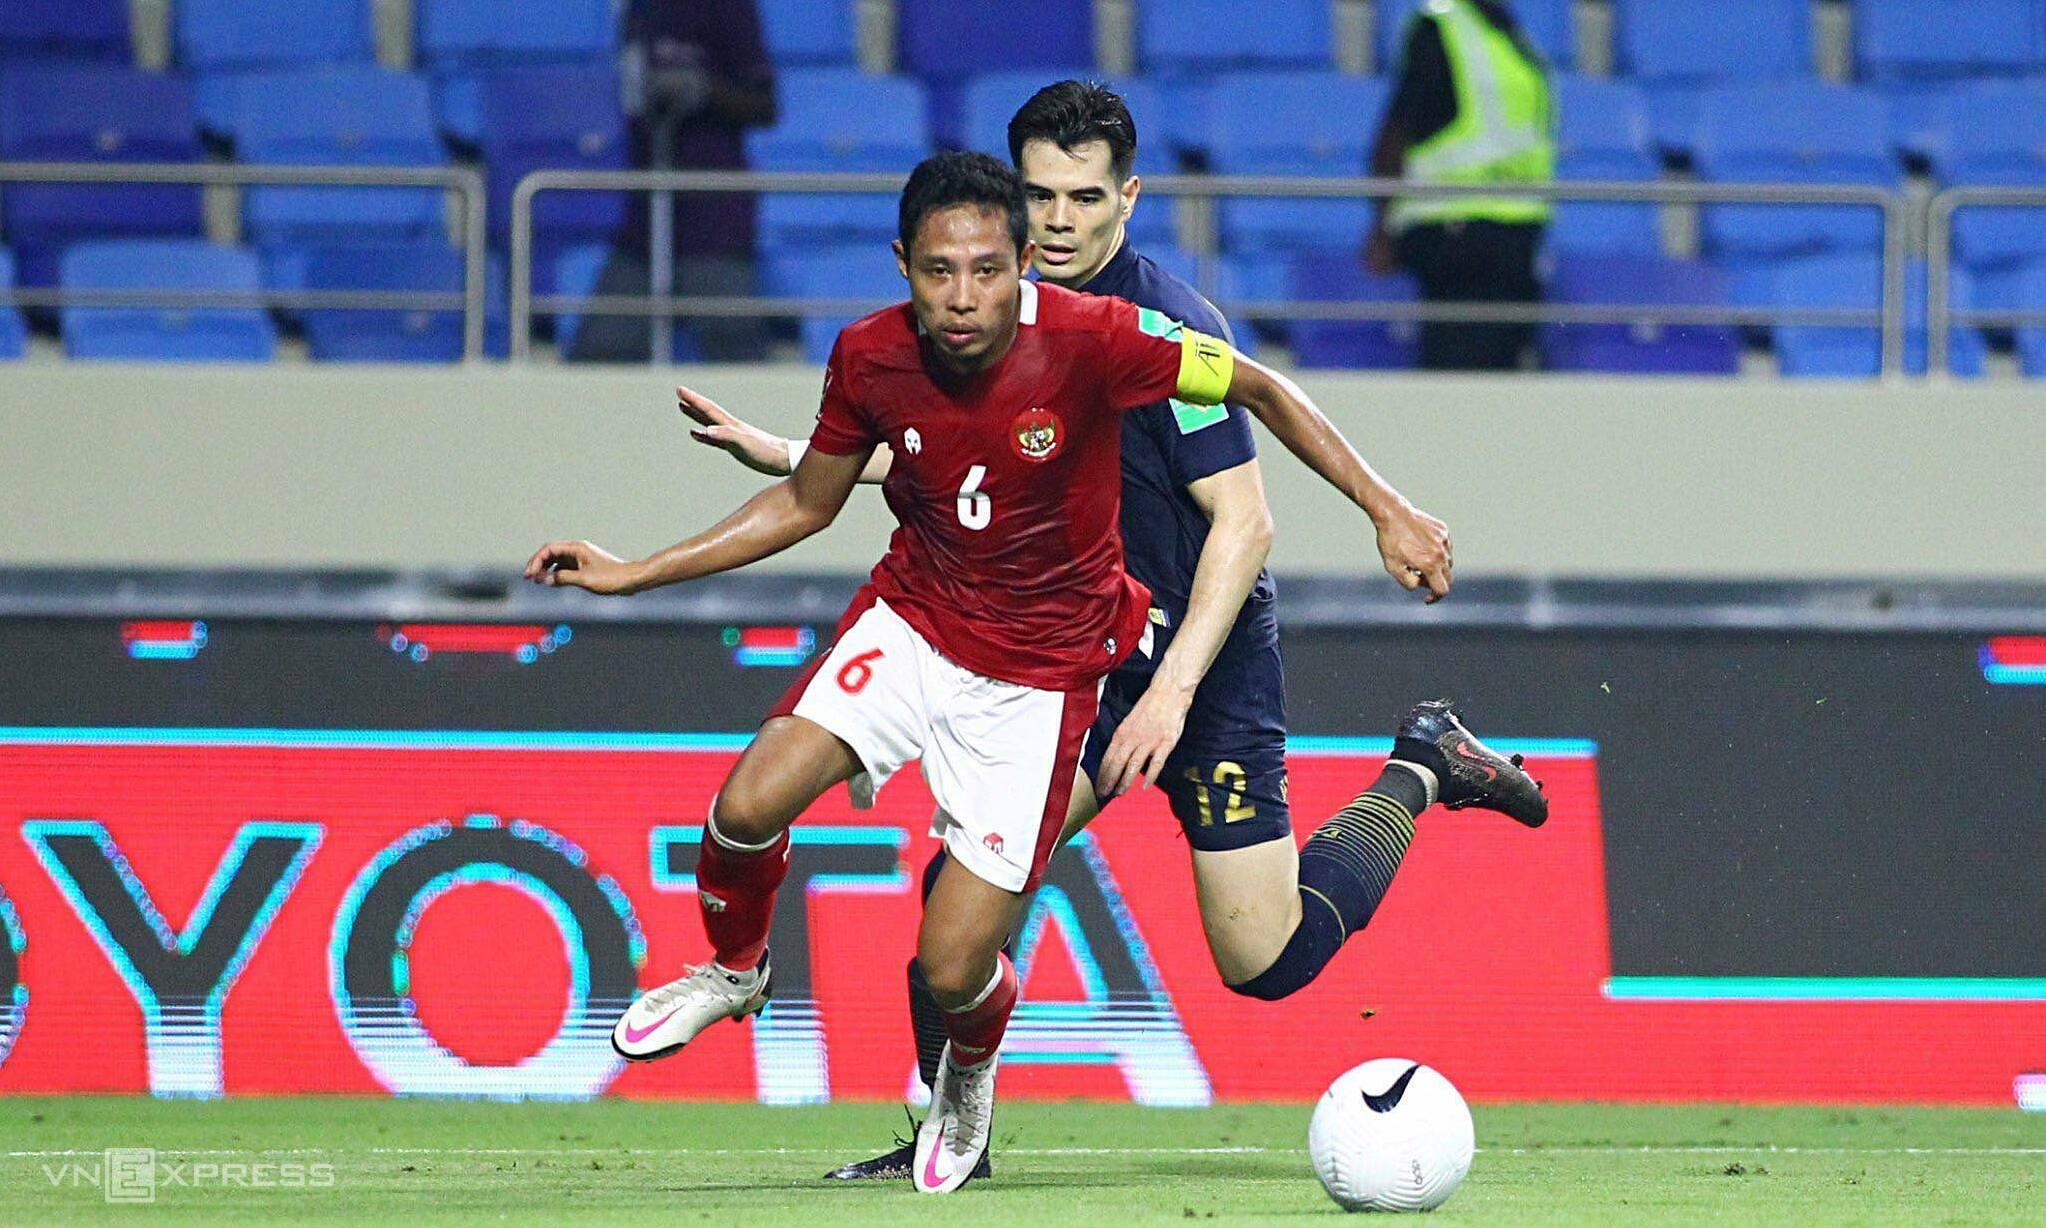 Dimas là một trong những cầu thủ dày dạn kinh nghiệm nhất của tuyển Indonesia sang UAE đá loạt trận cuối bảng G lần này. Ảnh: Lâm Thoả